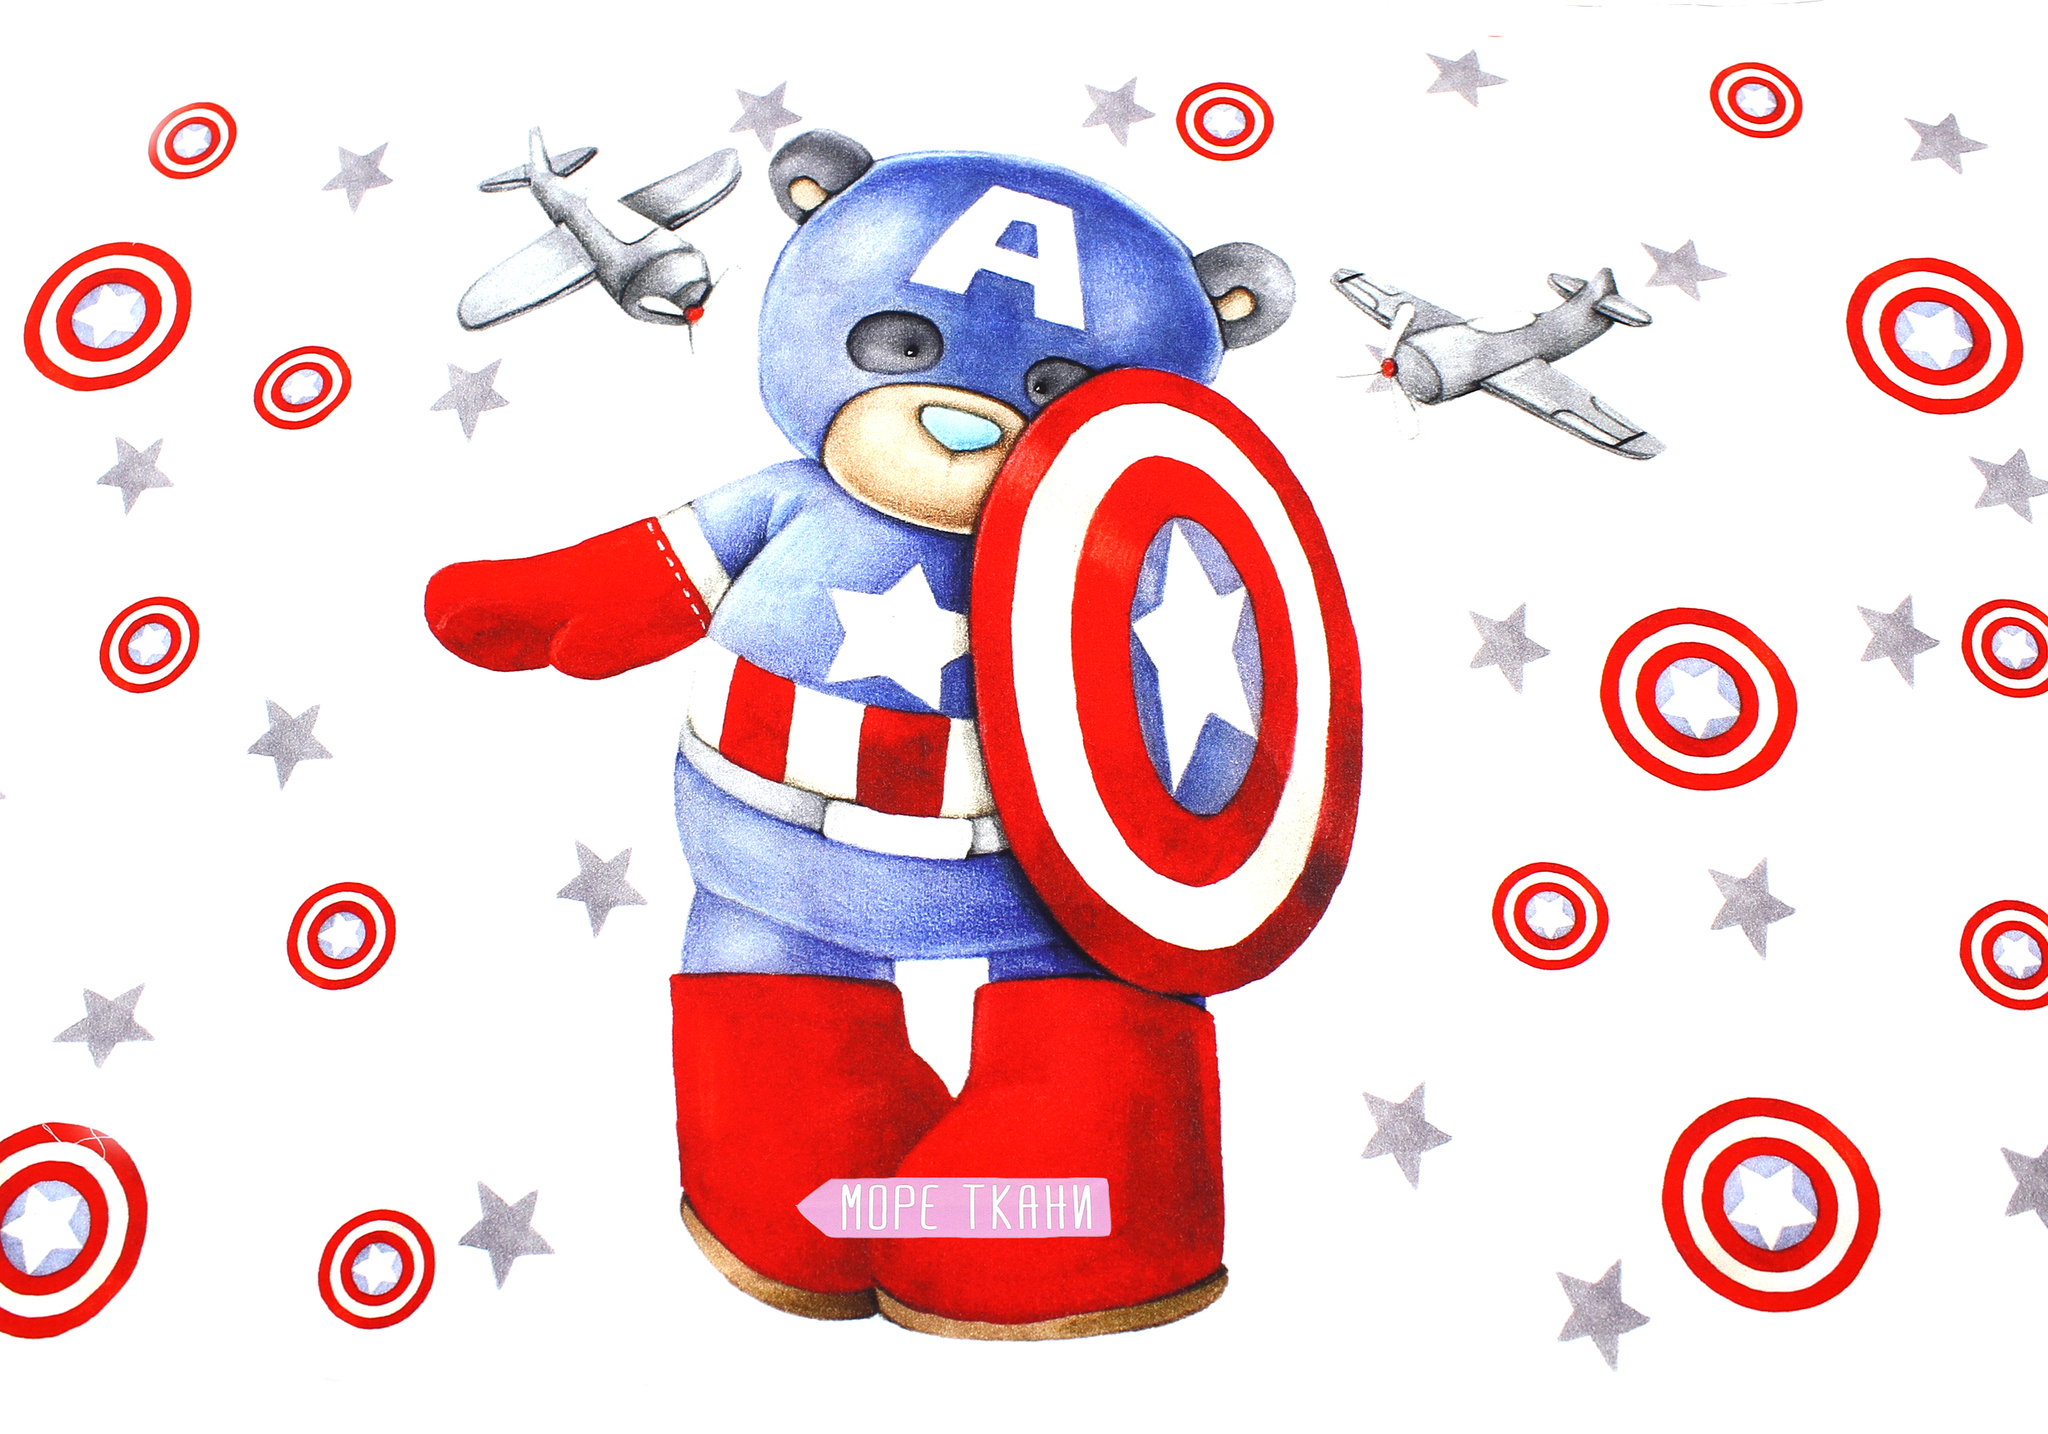 Панель(купон) мишка-капитан-Америка и самолеты-40*60 см.